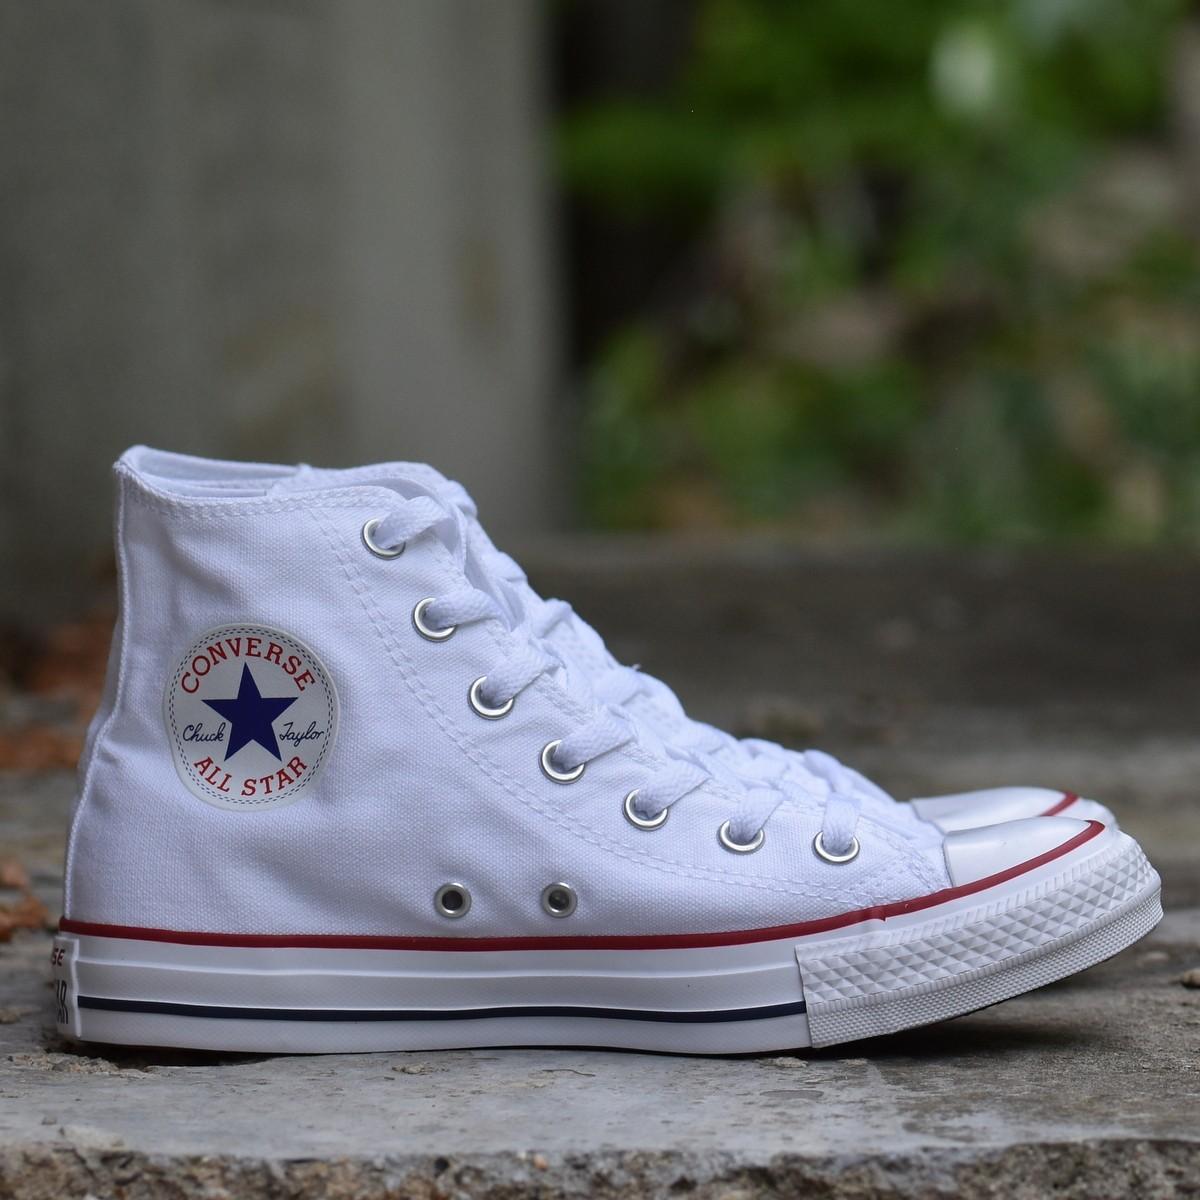 converse Chuck Taylor All Star Boty EU 36.5 M7650 8bf85cabf9